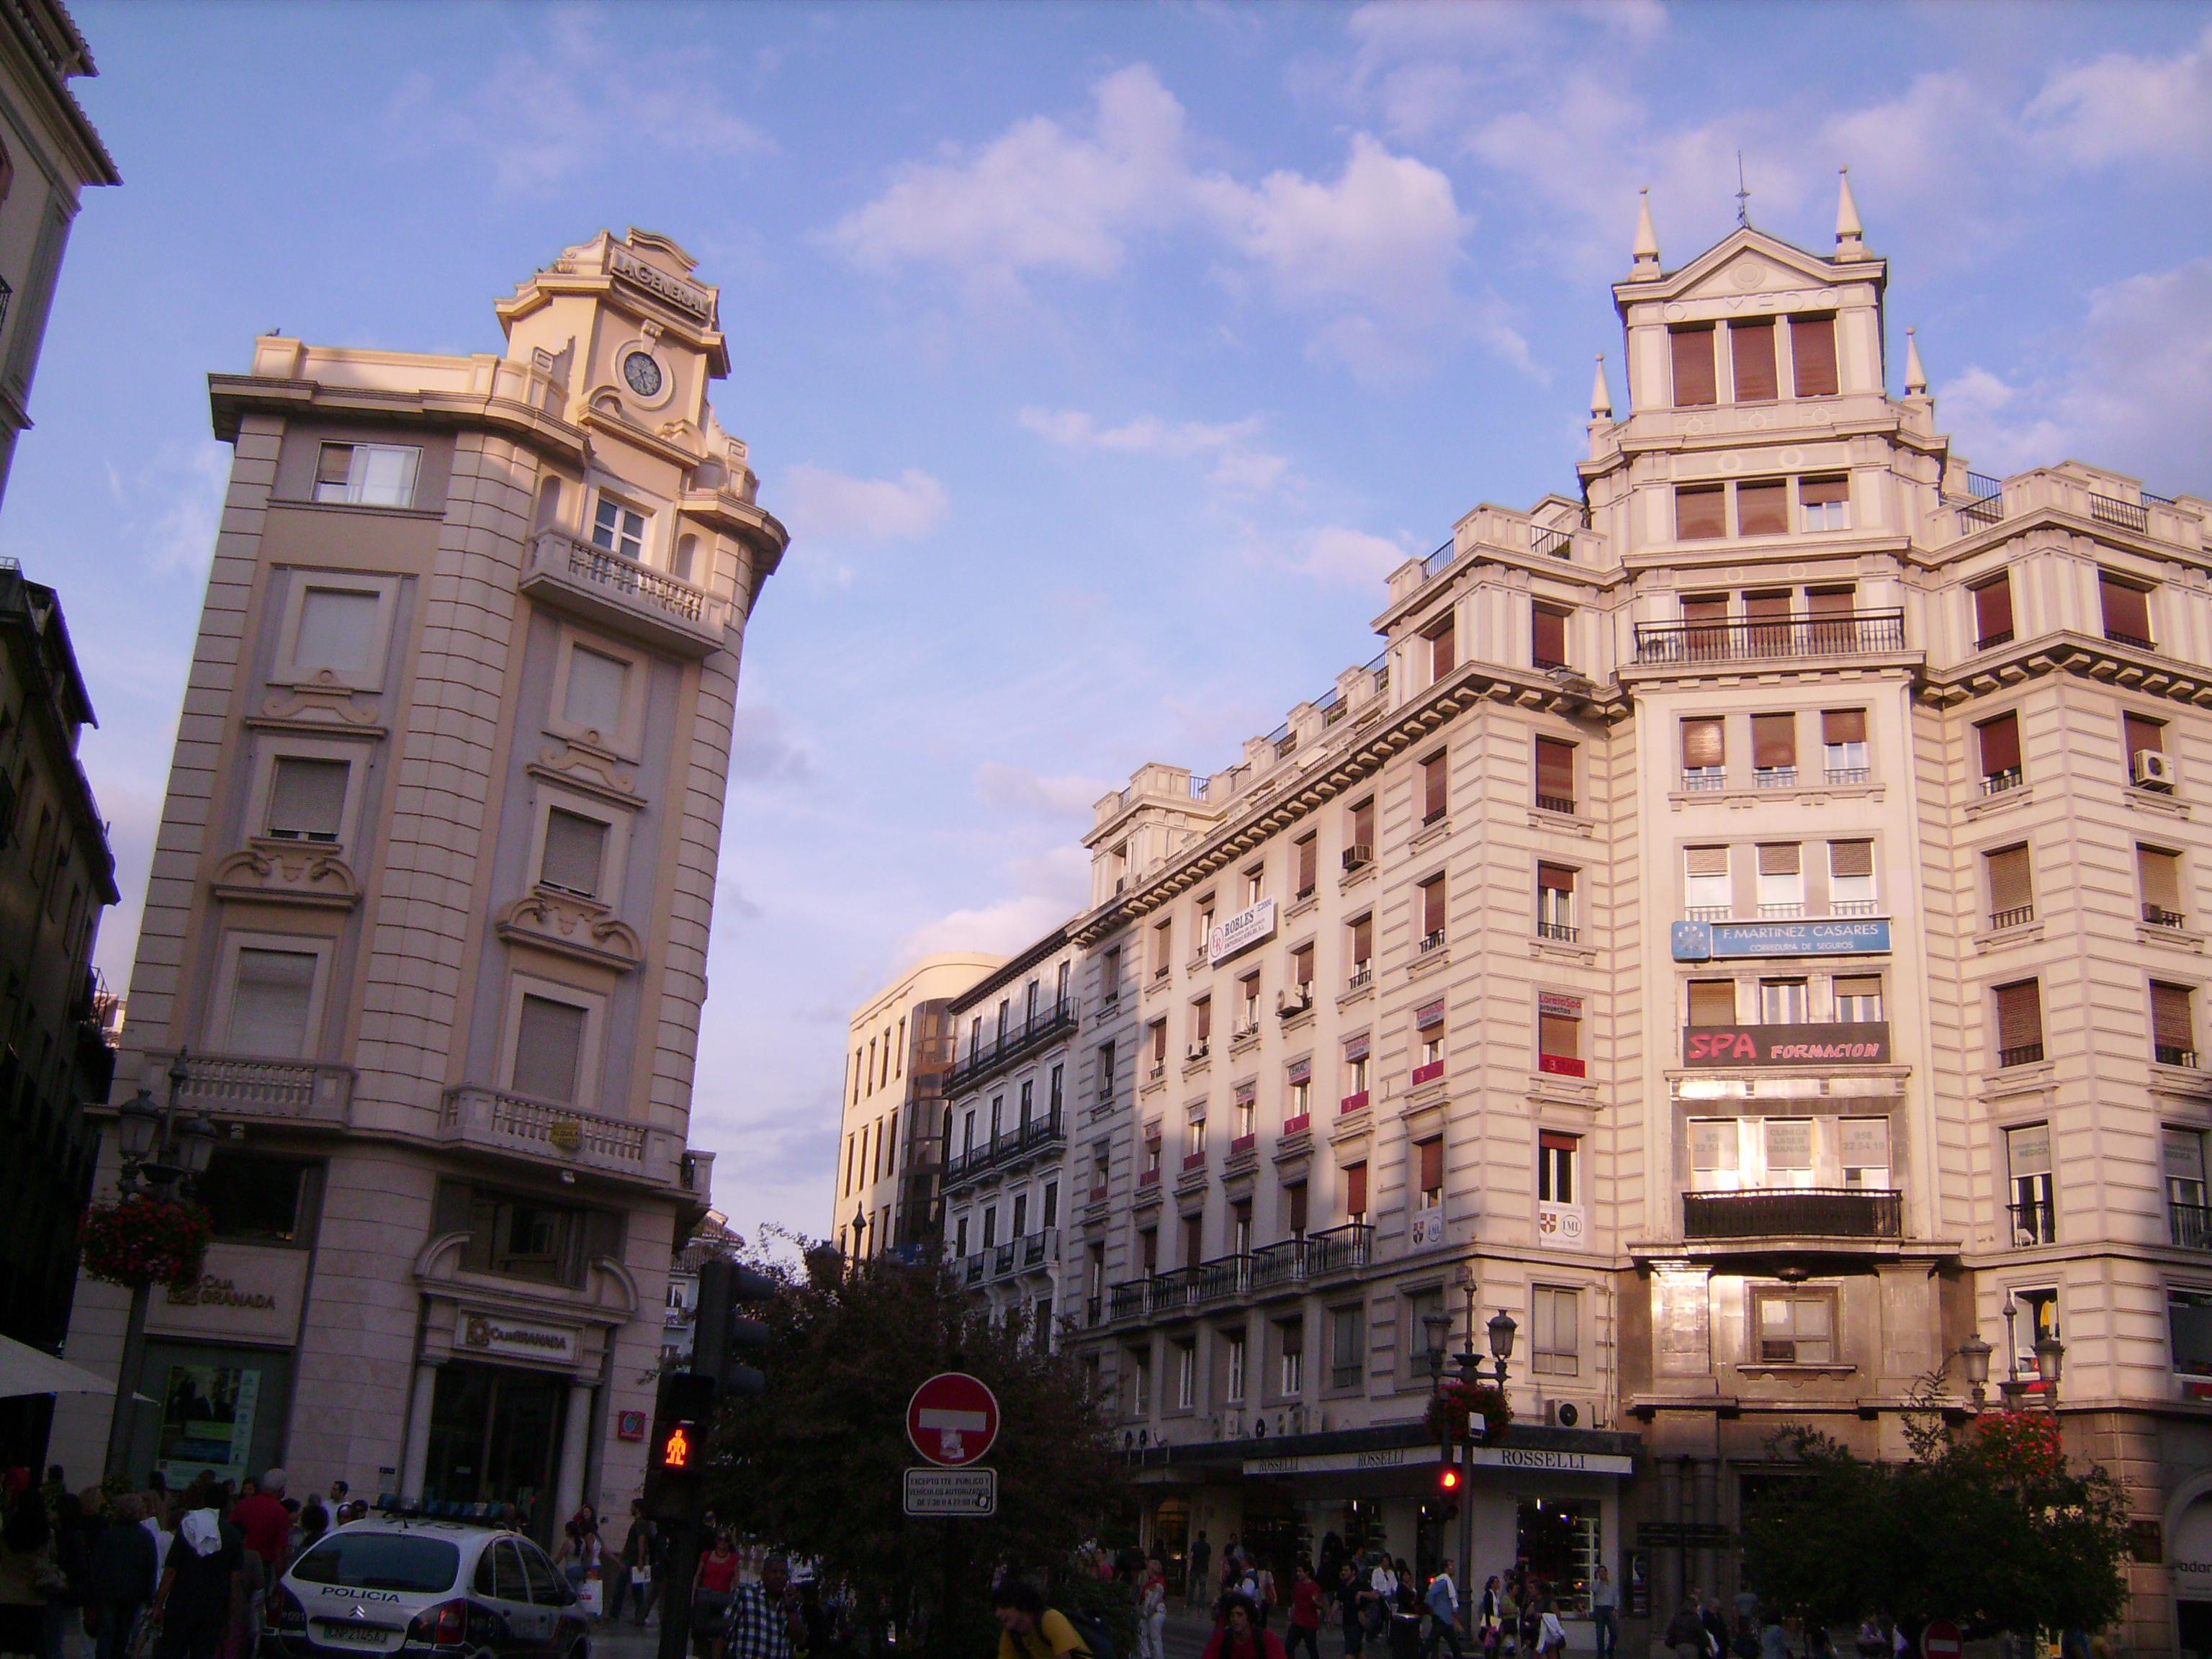 Puerta Real tér a nevét IV. Fülöp* 1624. április 8-i látogatása alkalmából kapta.<br />* https://hu.wikipedia.org/wiki/IV._F%C3%BCl%C3%B6p_spanyol_kir%C3%A1ly<br />